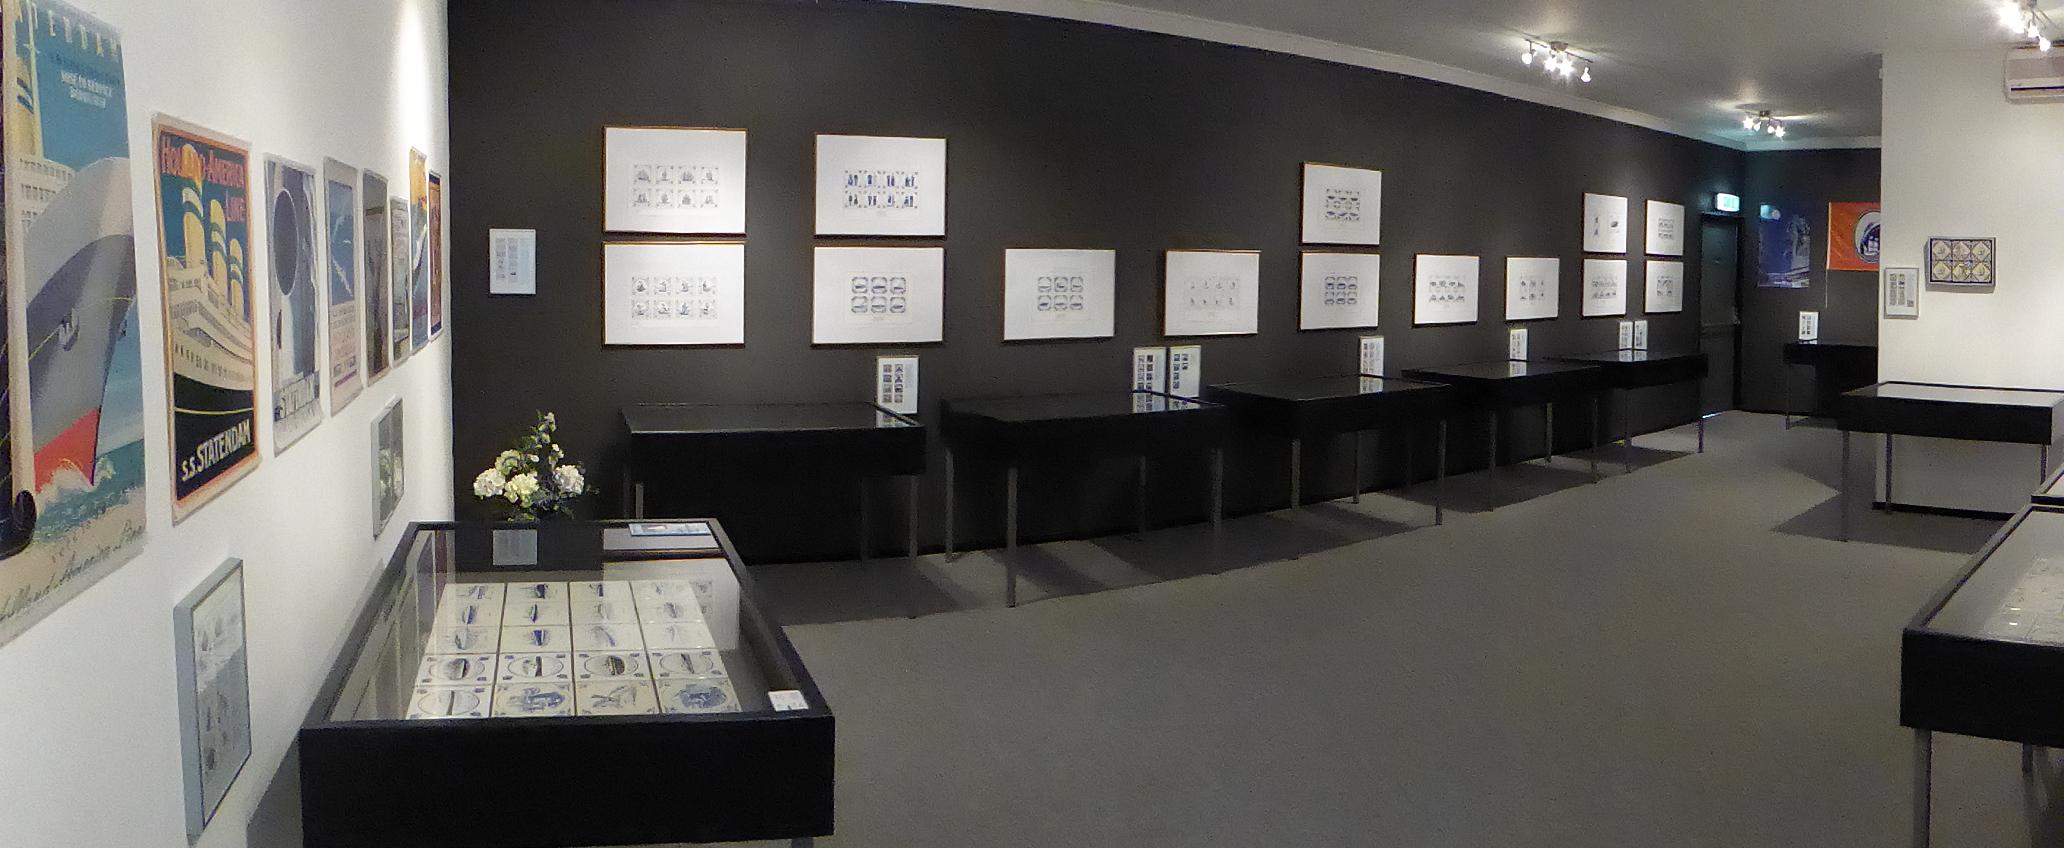 20160913-1329-bezoek-aan-goedewaagen-en-keramisch-museum-rondleiding-y-kooi-50-dmc-tz70-56